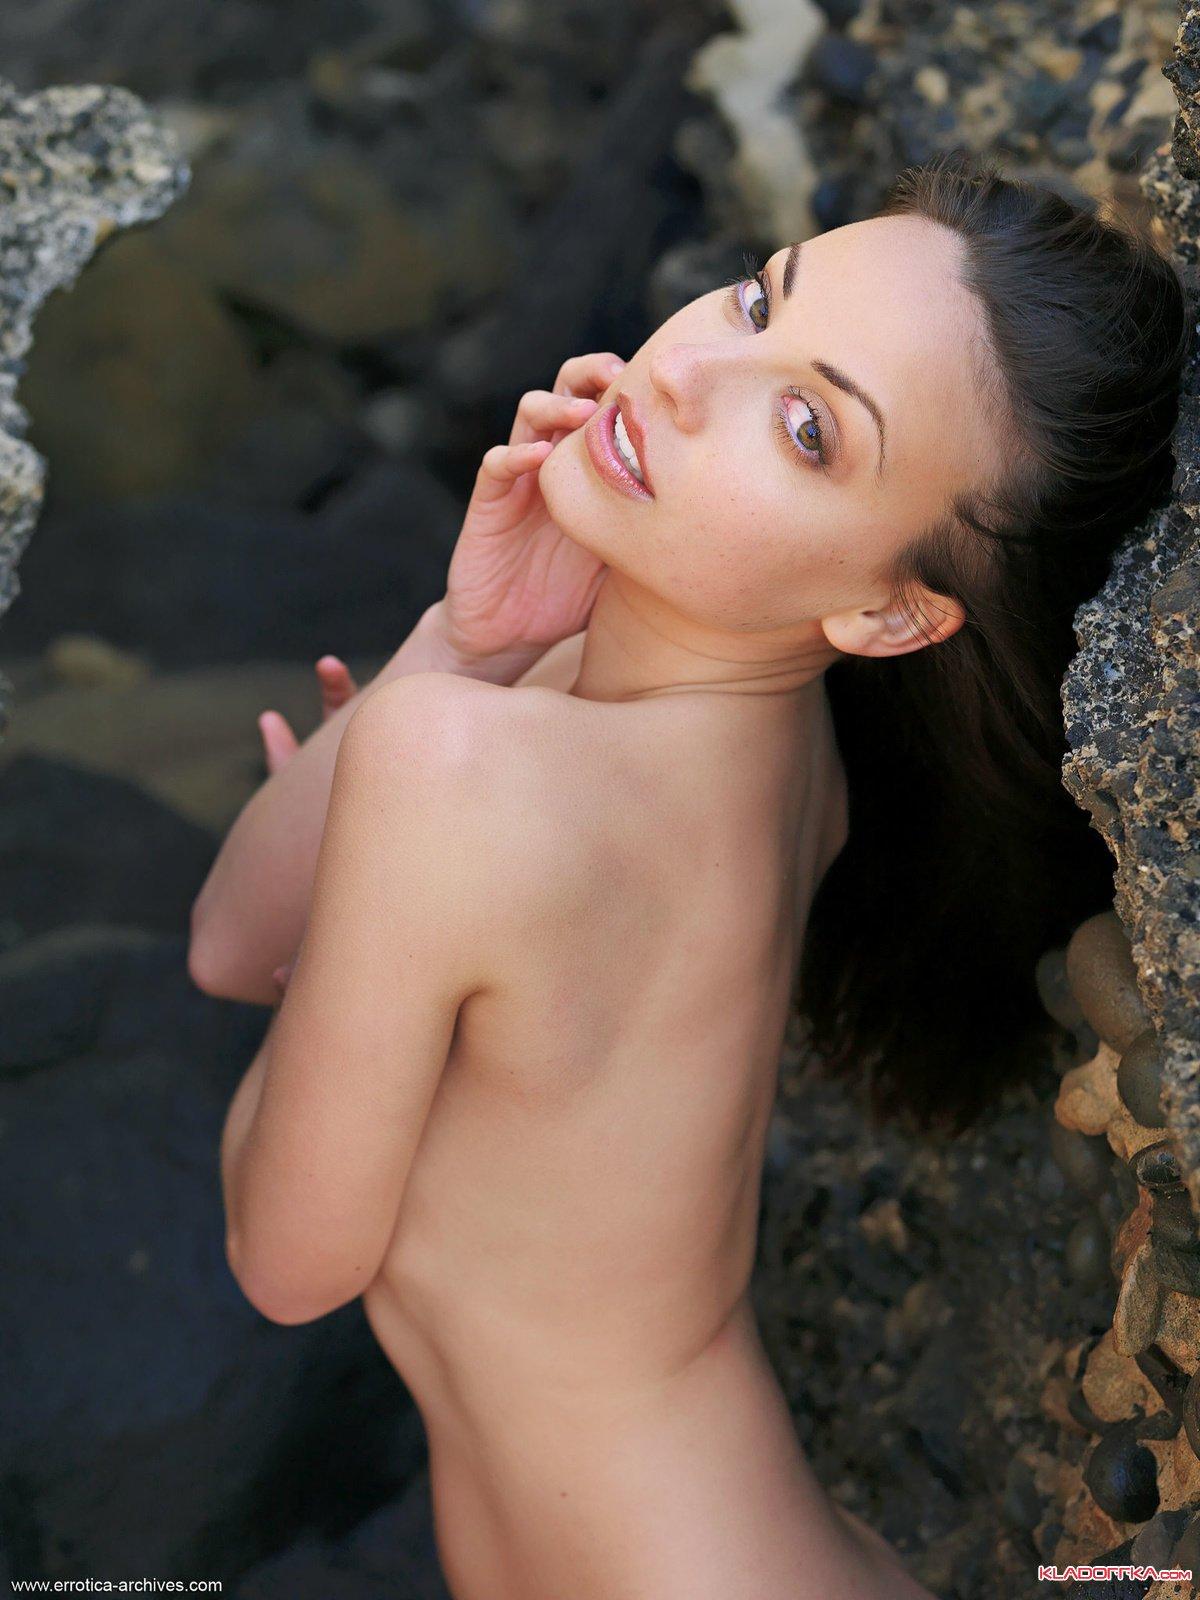 Голые попки девушек эро фото, порно скрытой камерой молодых пар